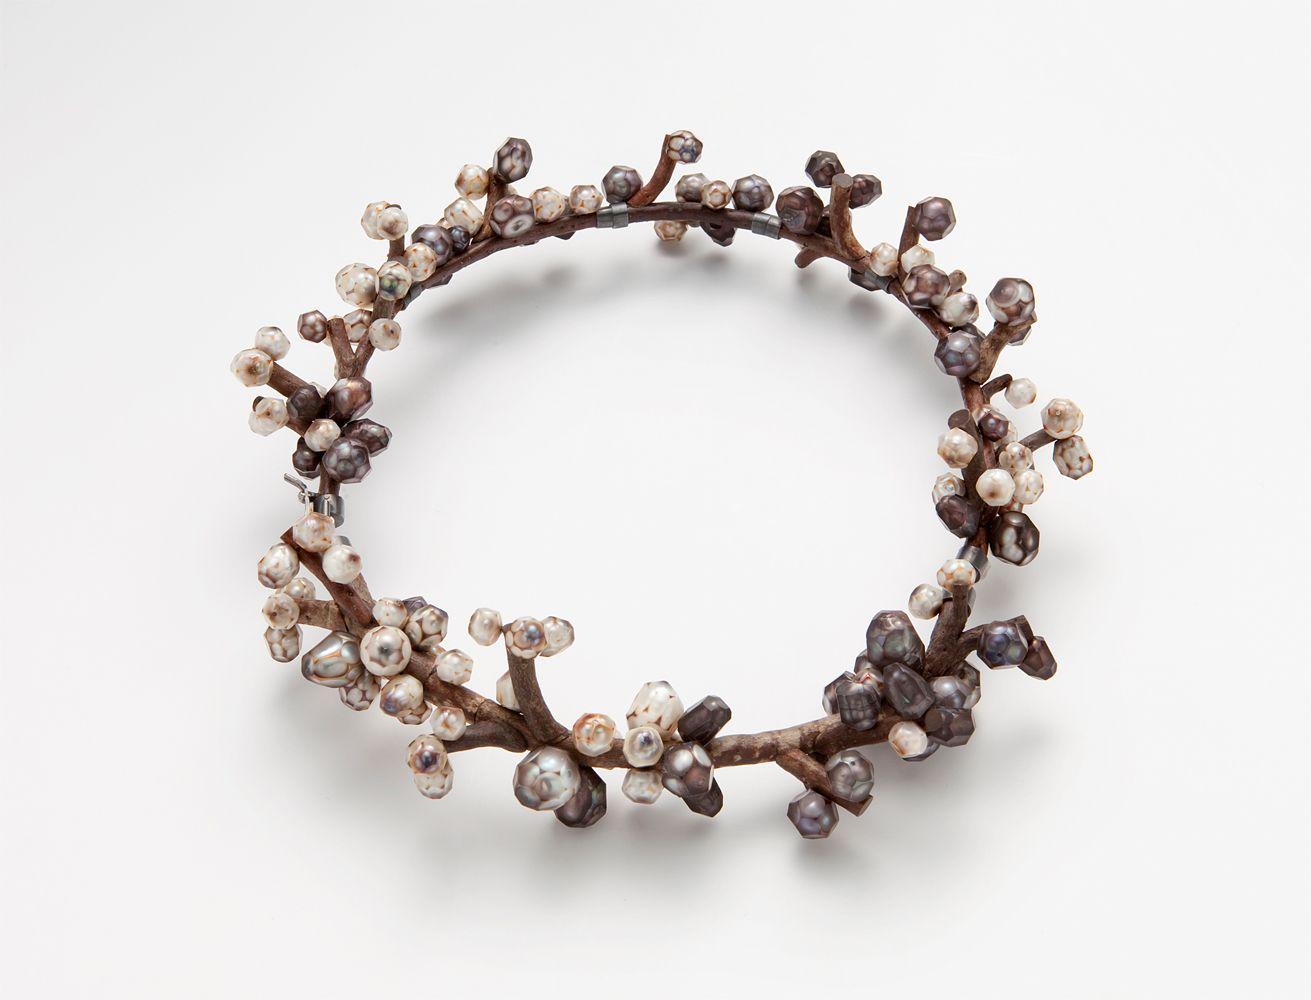 Collana Perles (2012) - Terhi Tolvanen - Paesi Bassi - Realizzata in legno, perle e argento